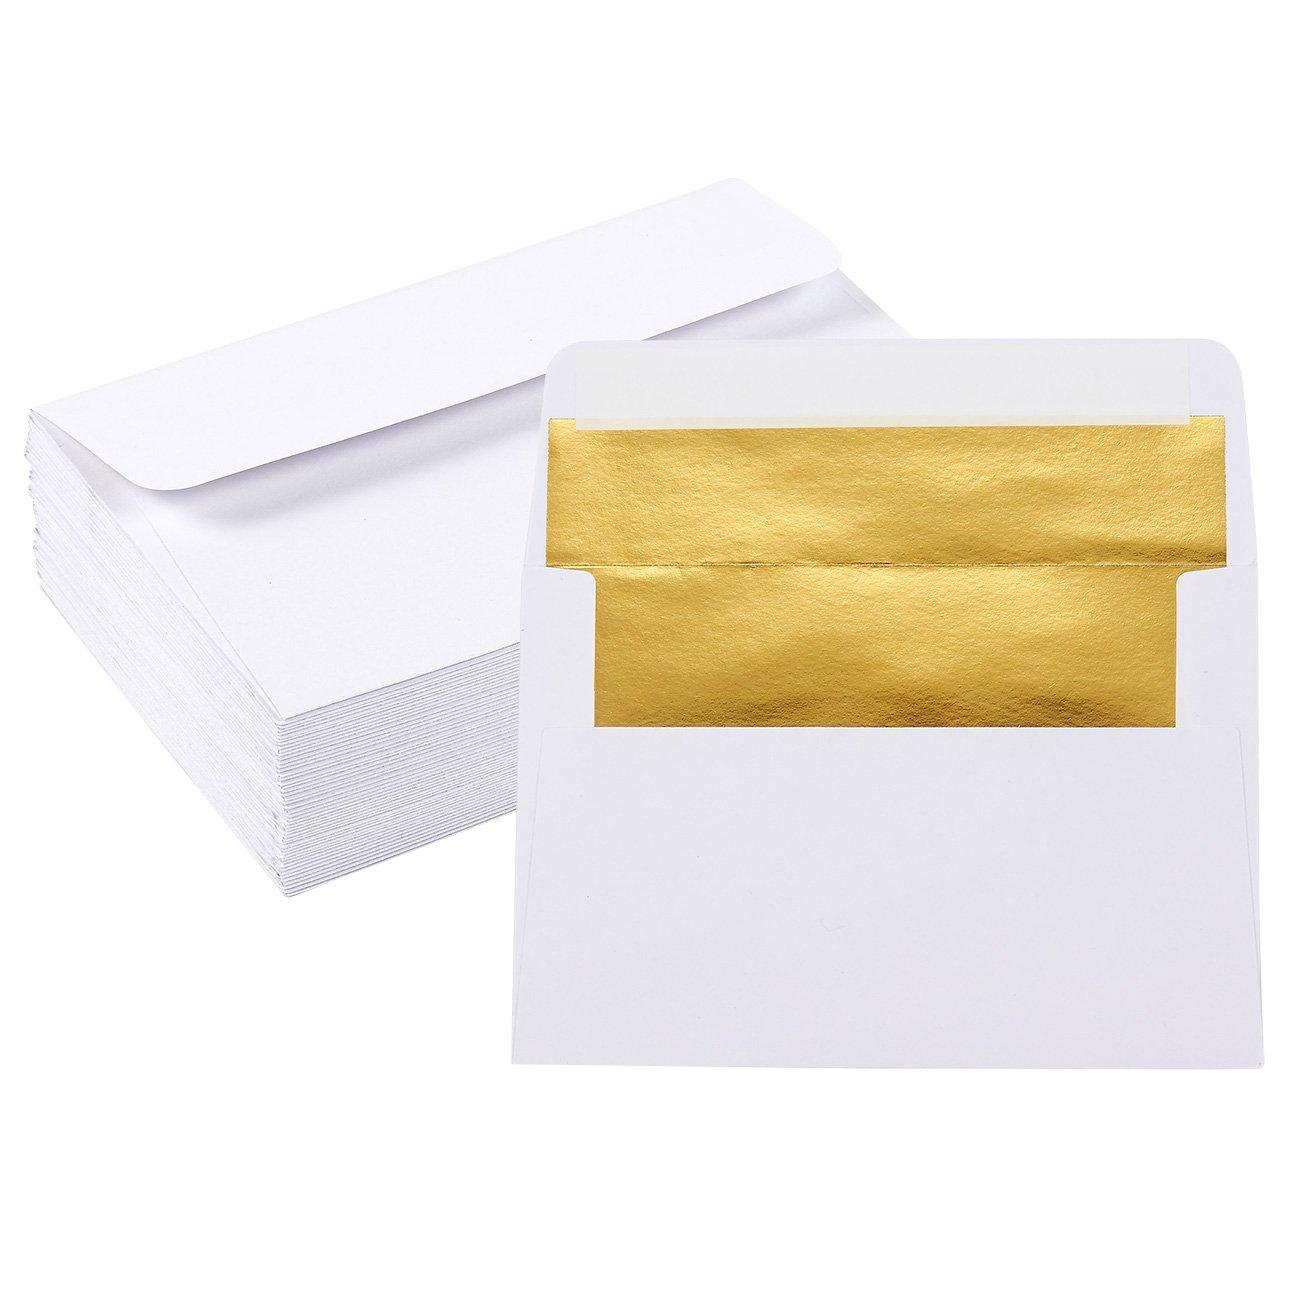 /120/gsm buste A7 Black//Gold /perfetto per matrimoni 120/g//mq compleanno inviti/ laurea 50/pezzi buste invito/